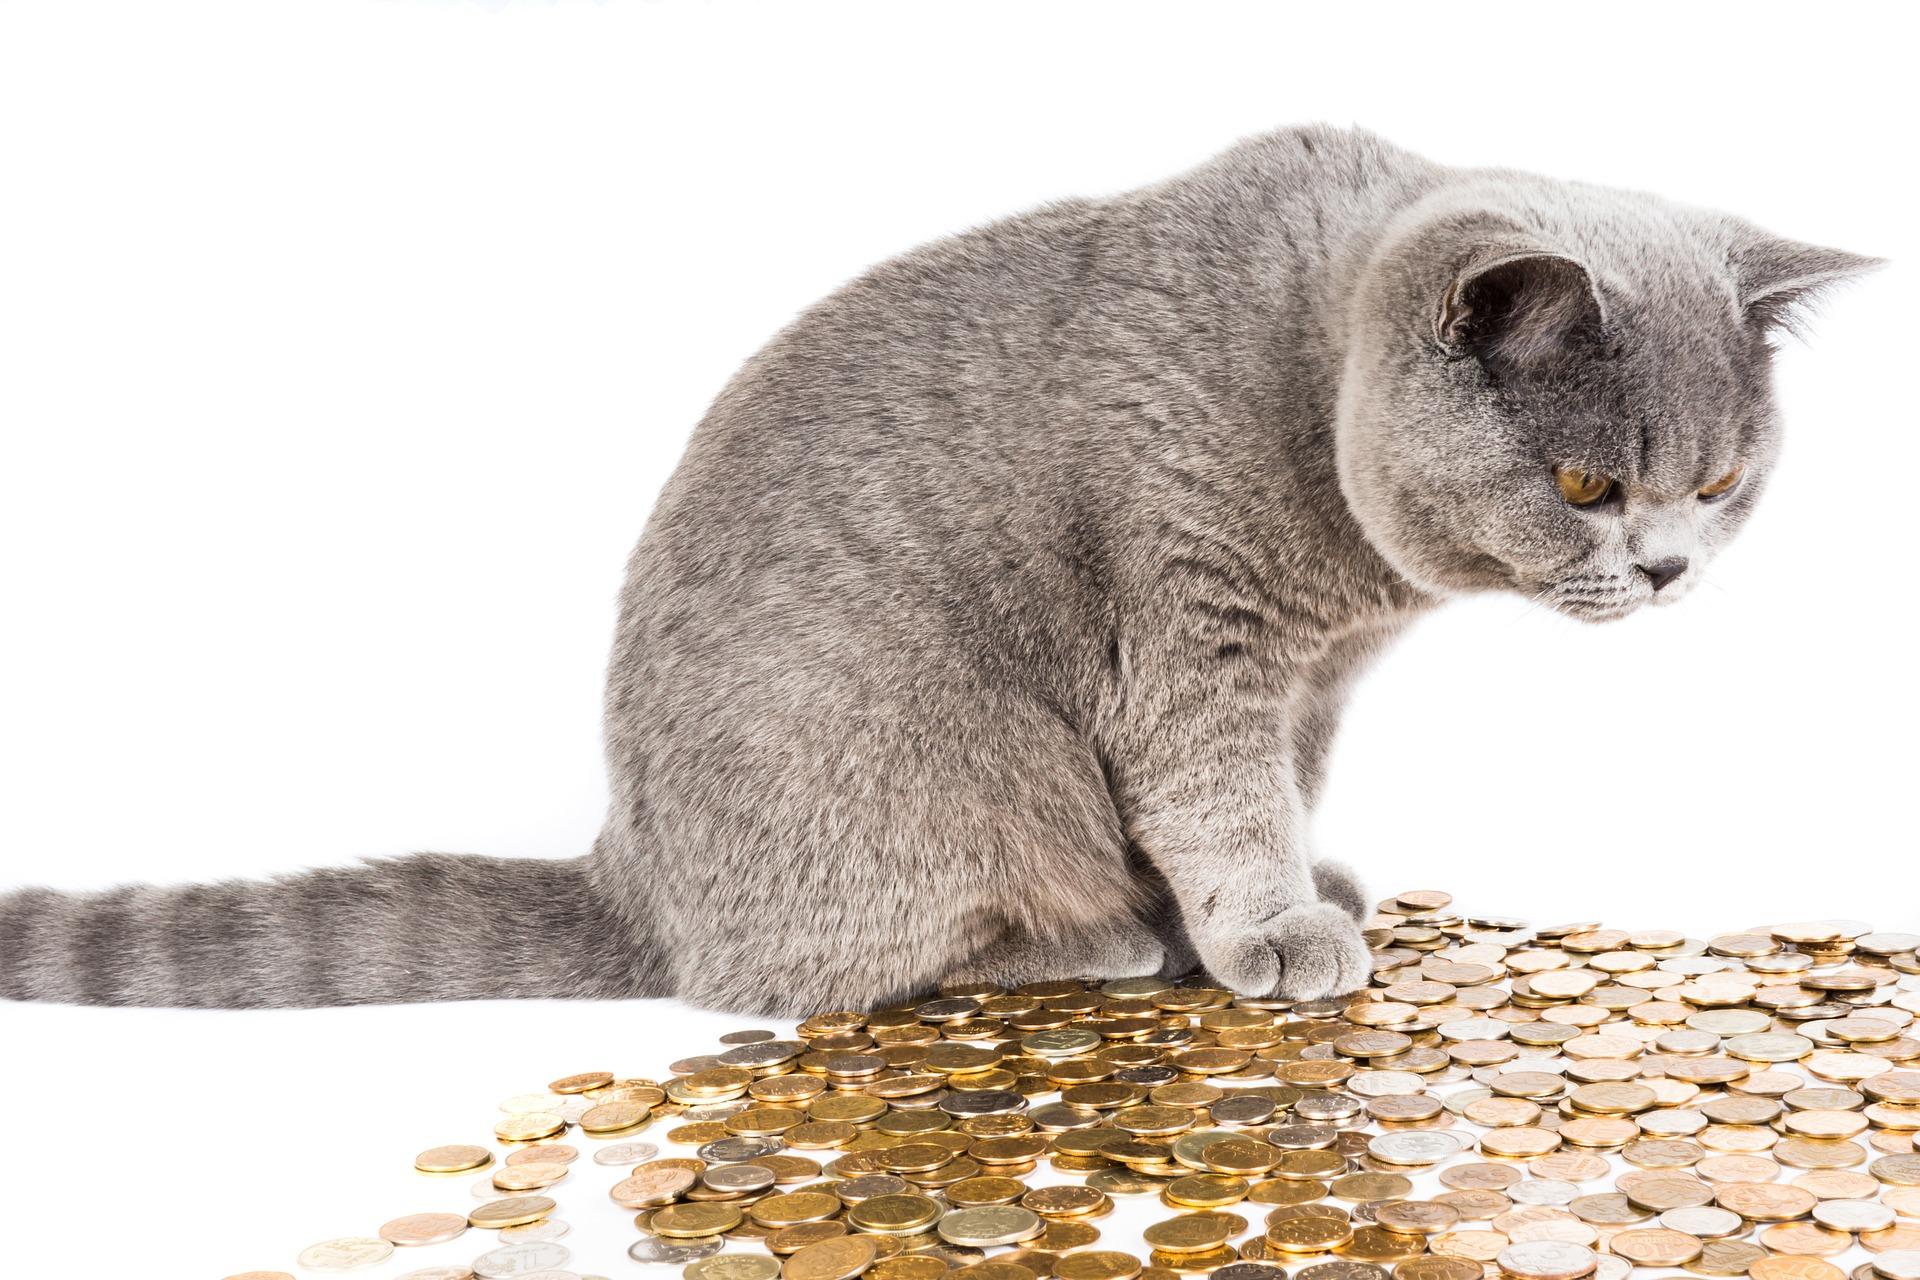 Au fait, peut-on léguer sa fortune à son chat ?